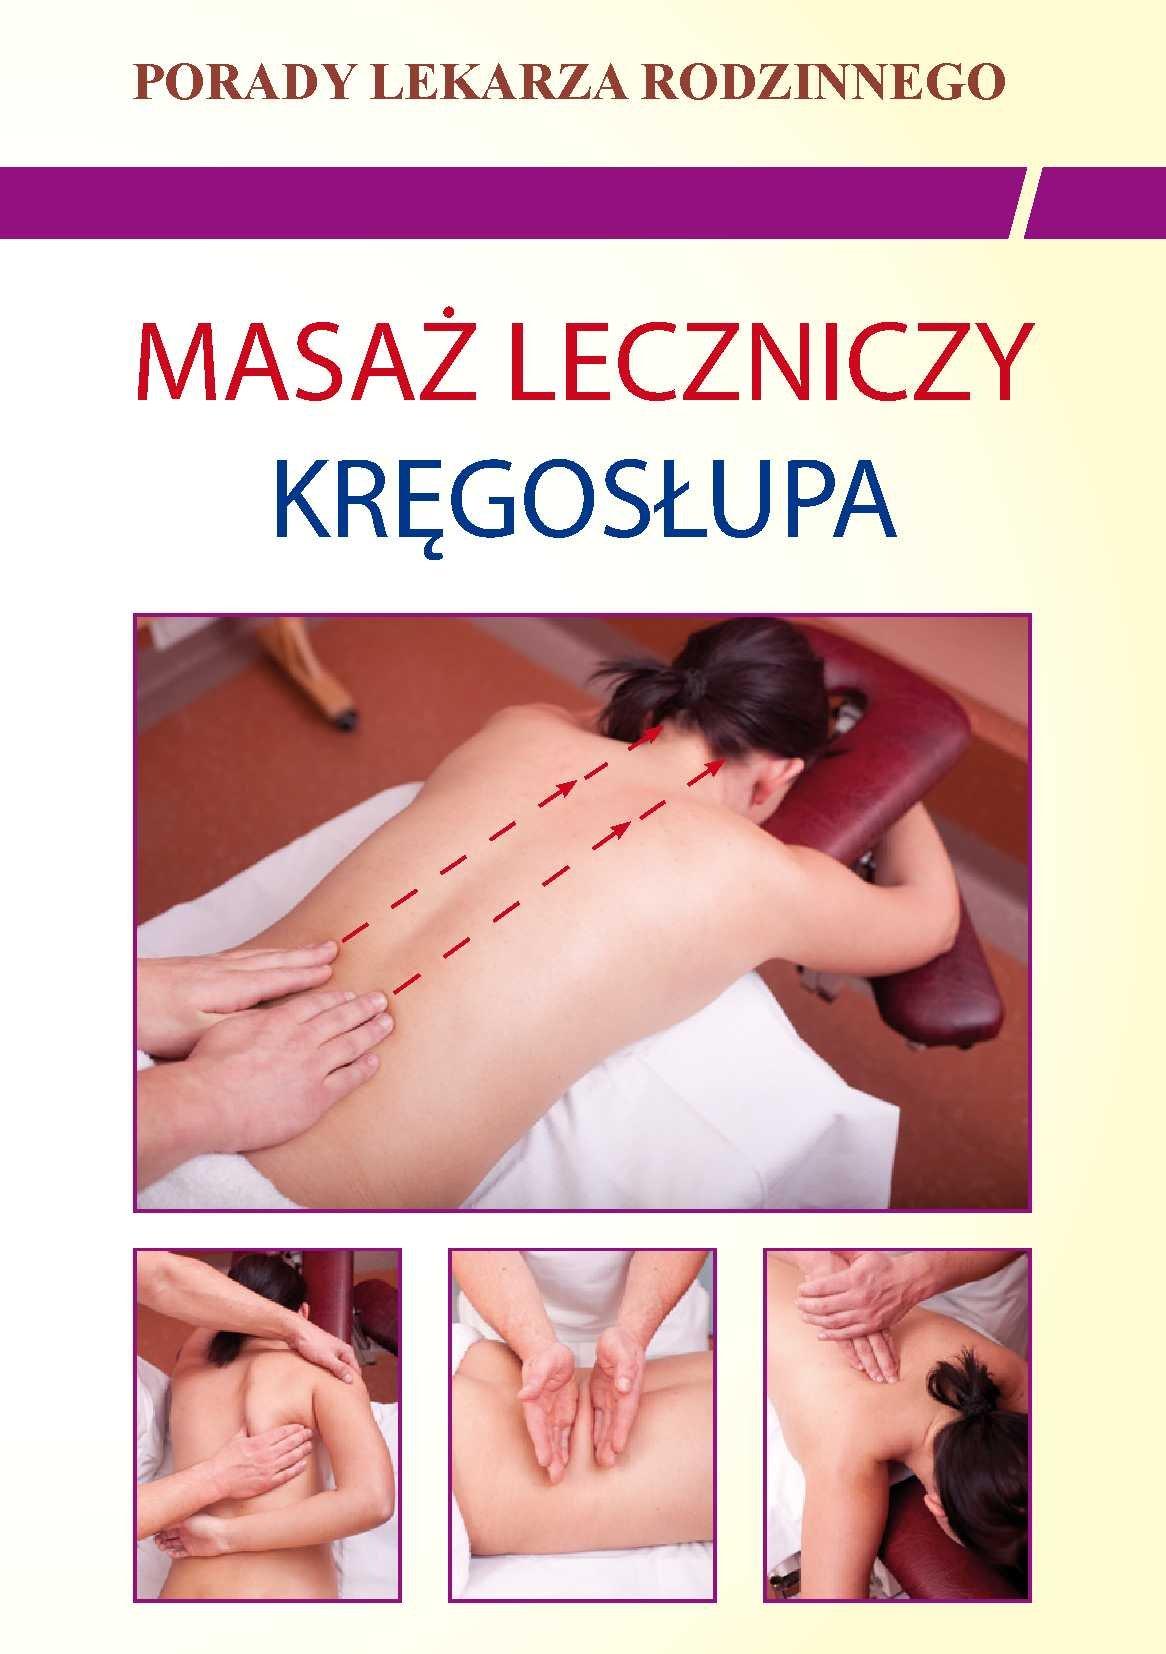 Masaż leczniczy kręgosłupa. Porady lekarza rodzinnego - Ebook (Książka PDF) do pobrania w formacie PDF